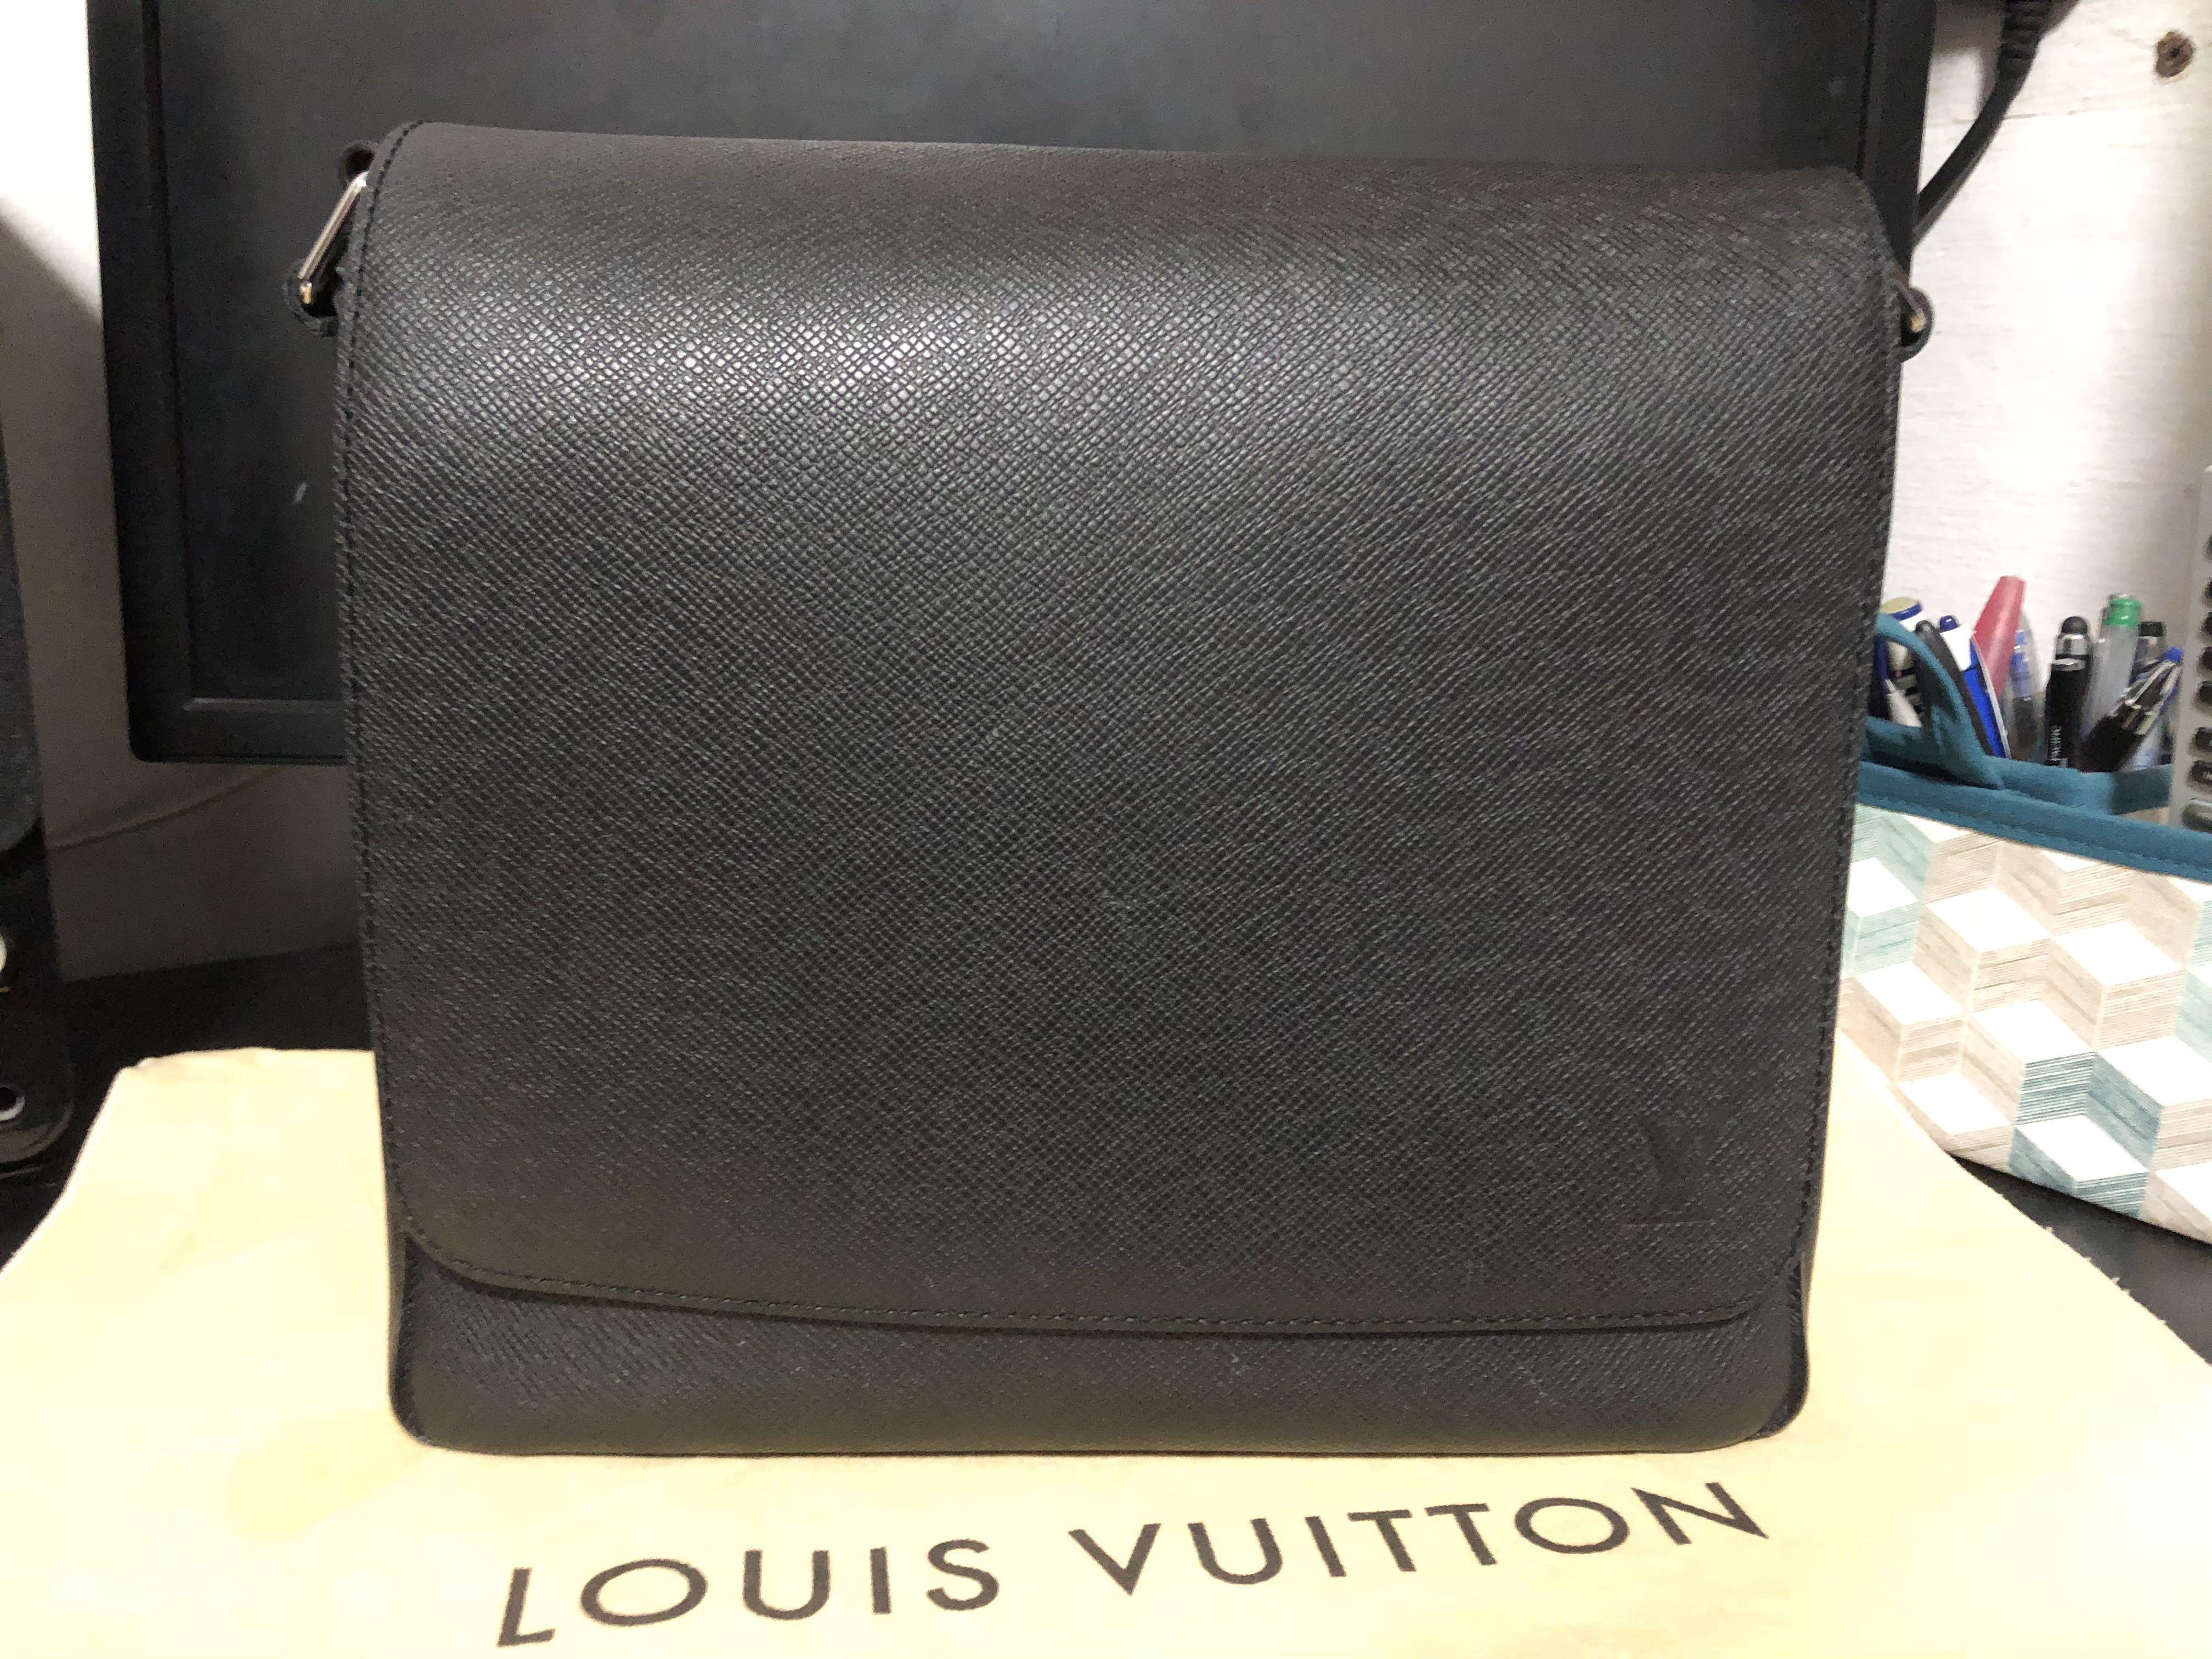 aa819372a9c Louis Vuitton Roman PM